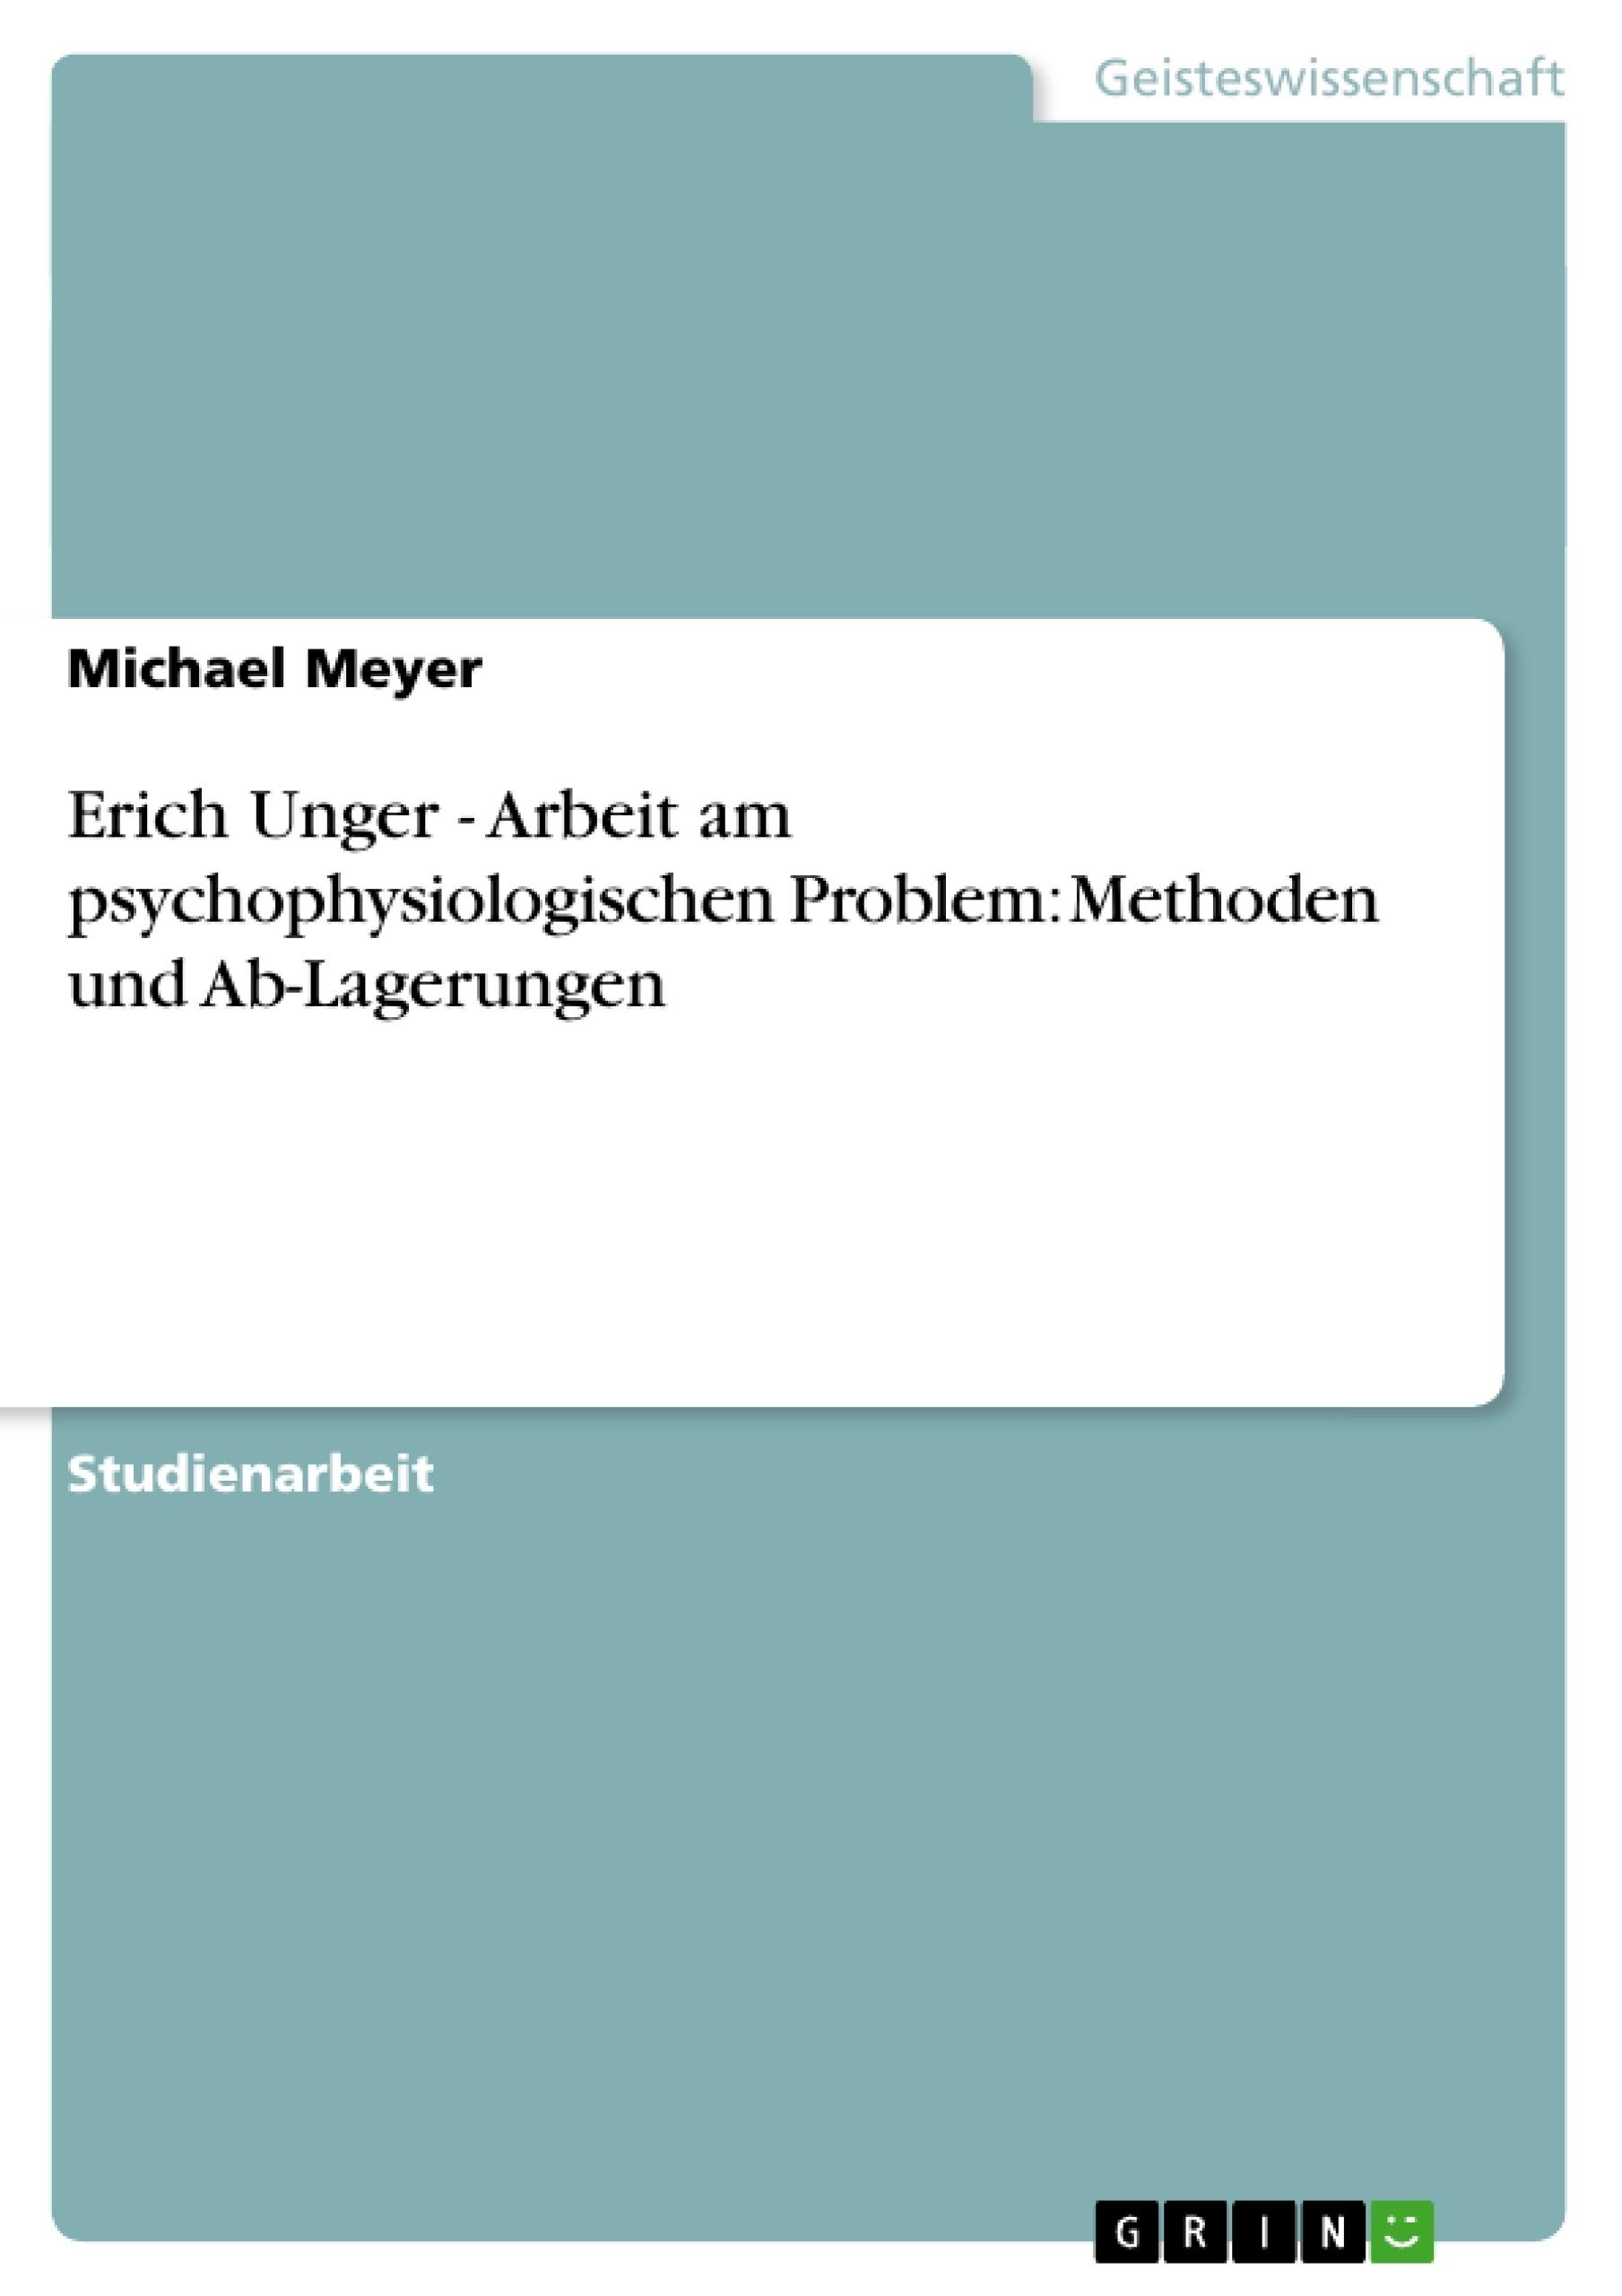 Titel: Erich Unger - Arbeit am psychophysiologischen Problem: Methoden und Ab-Lagerungen